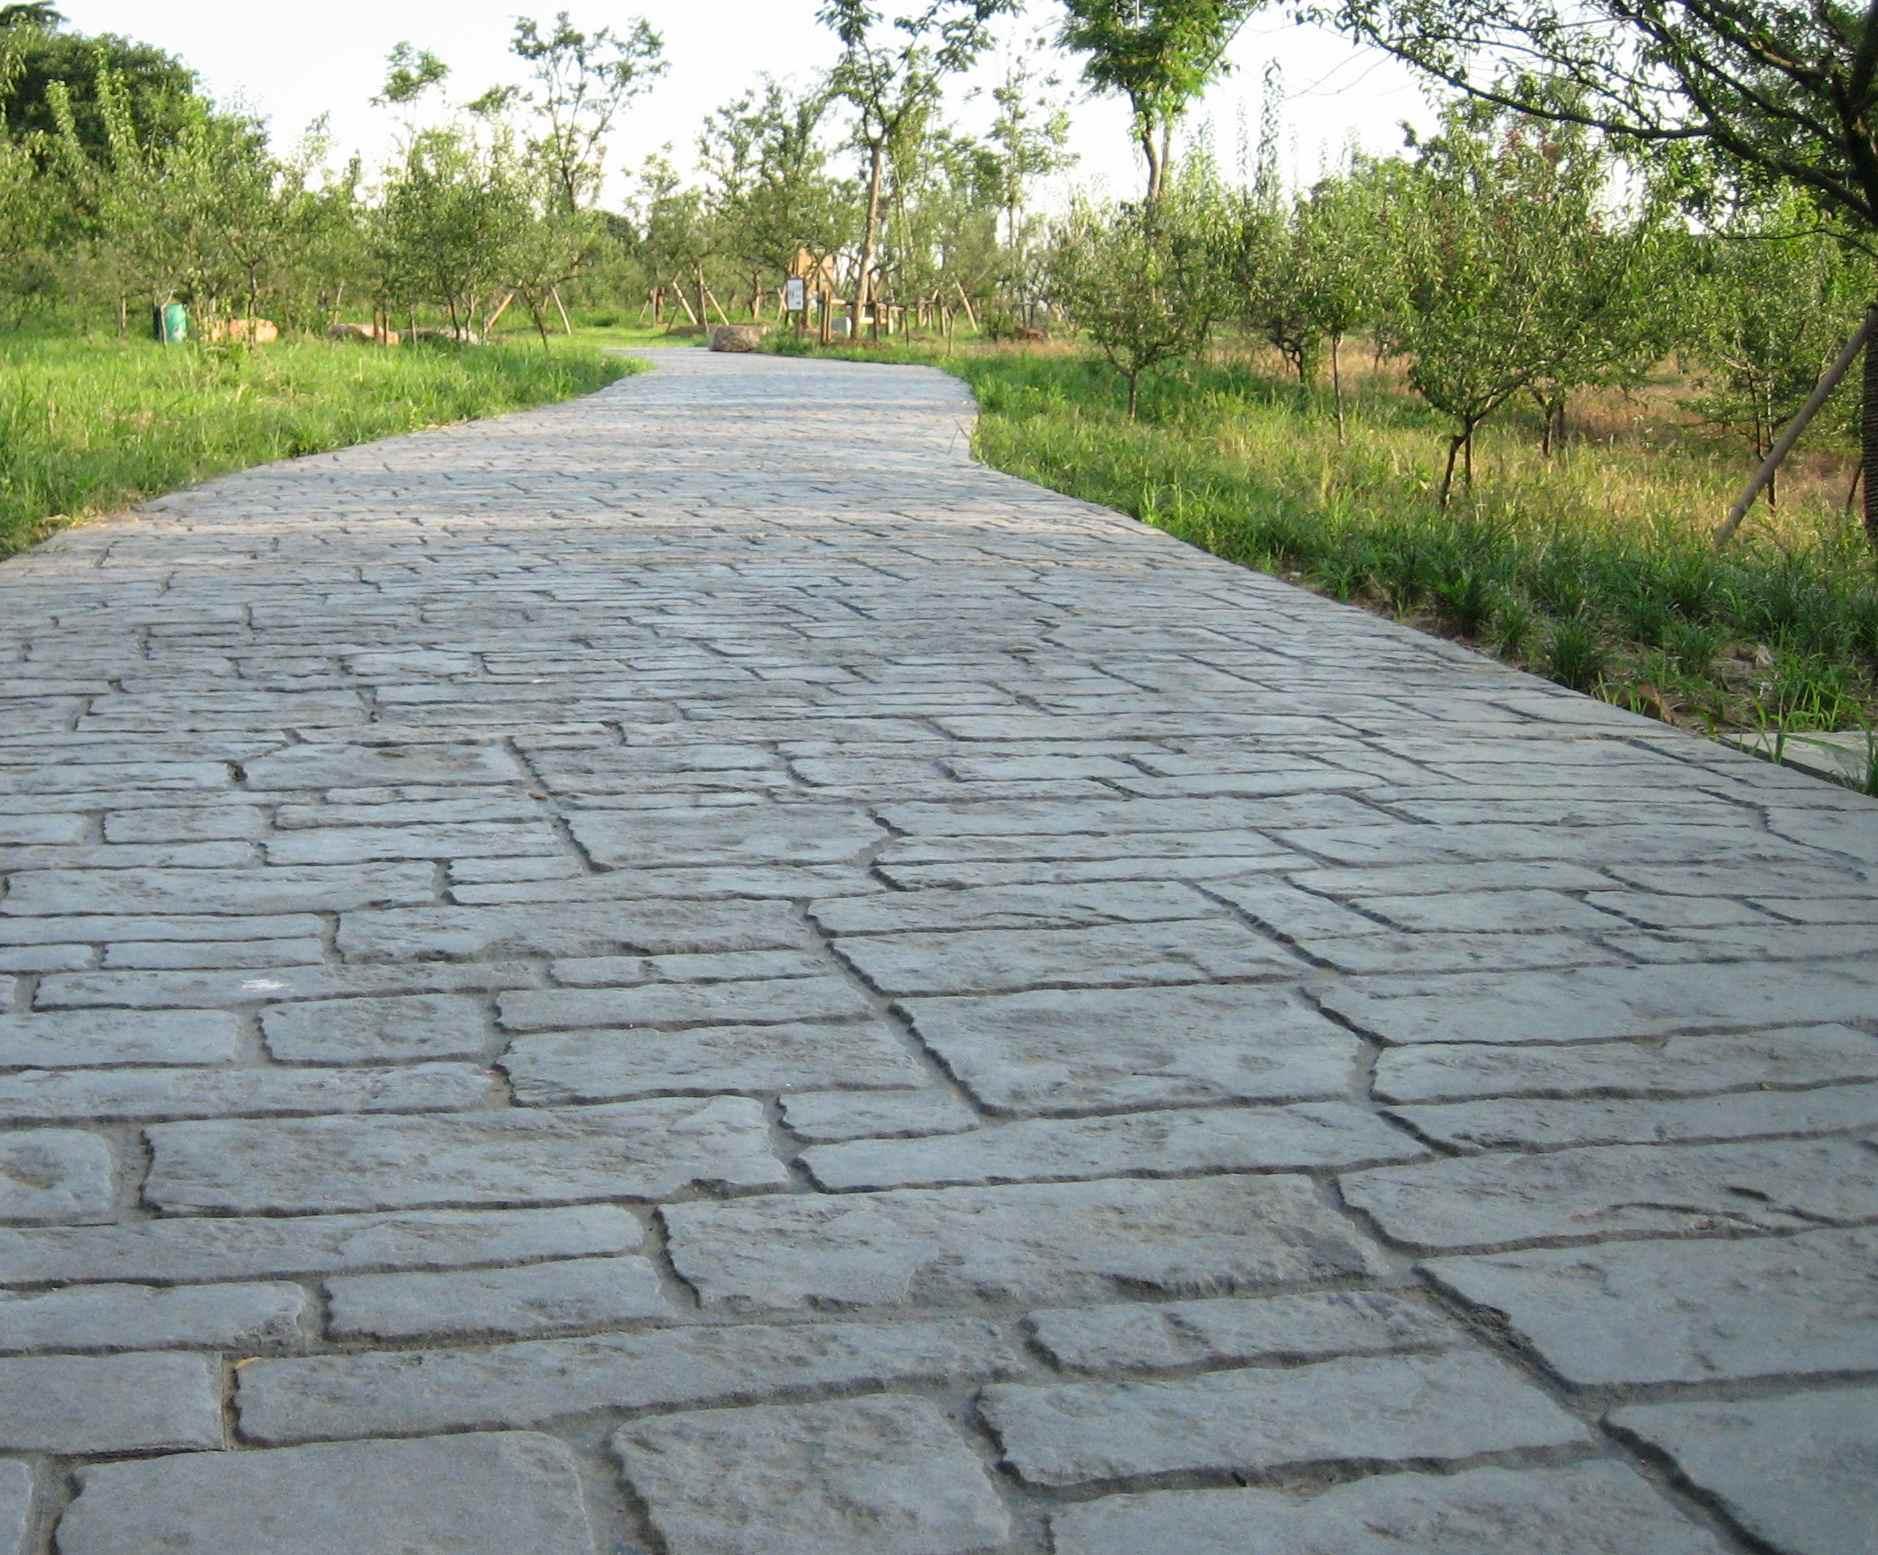 扬州彩色混凝土压模地坪|广陵水泥压花路面|邗江人行道压印地坪